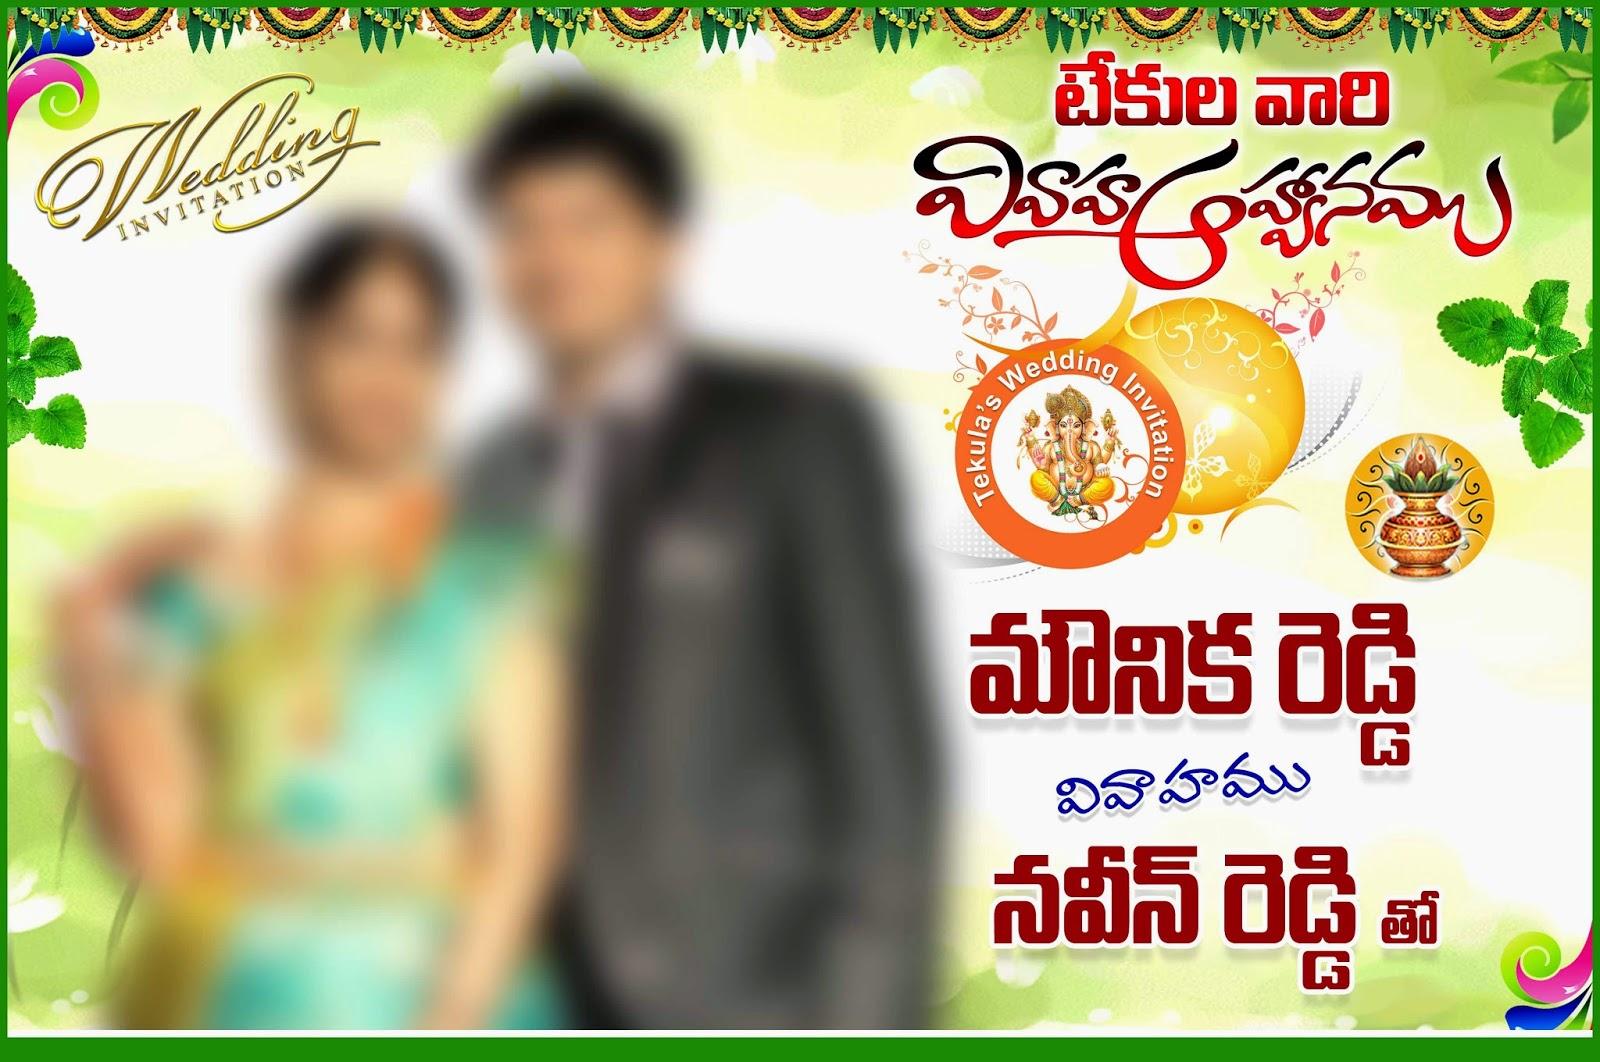 Wedding Banner Designs Background Banner Design Background